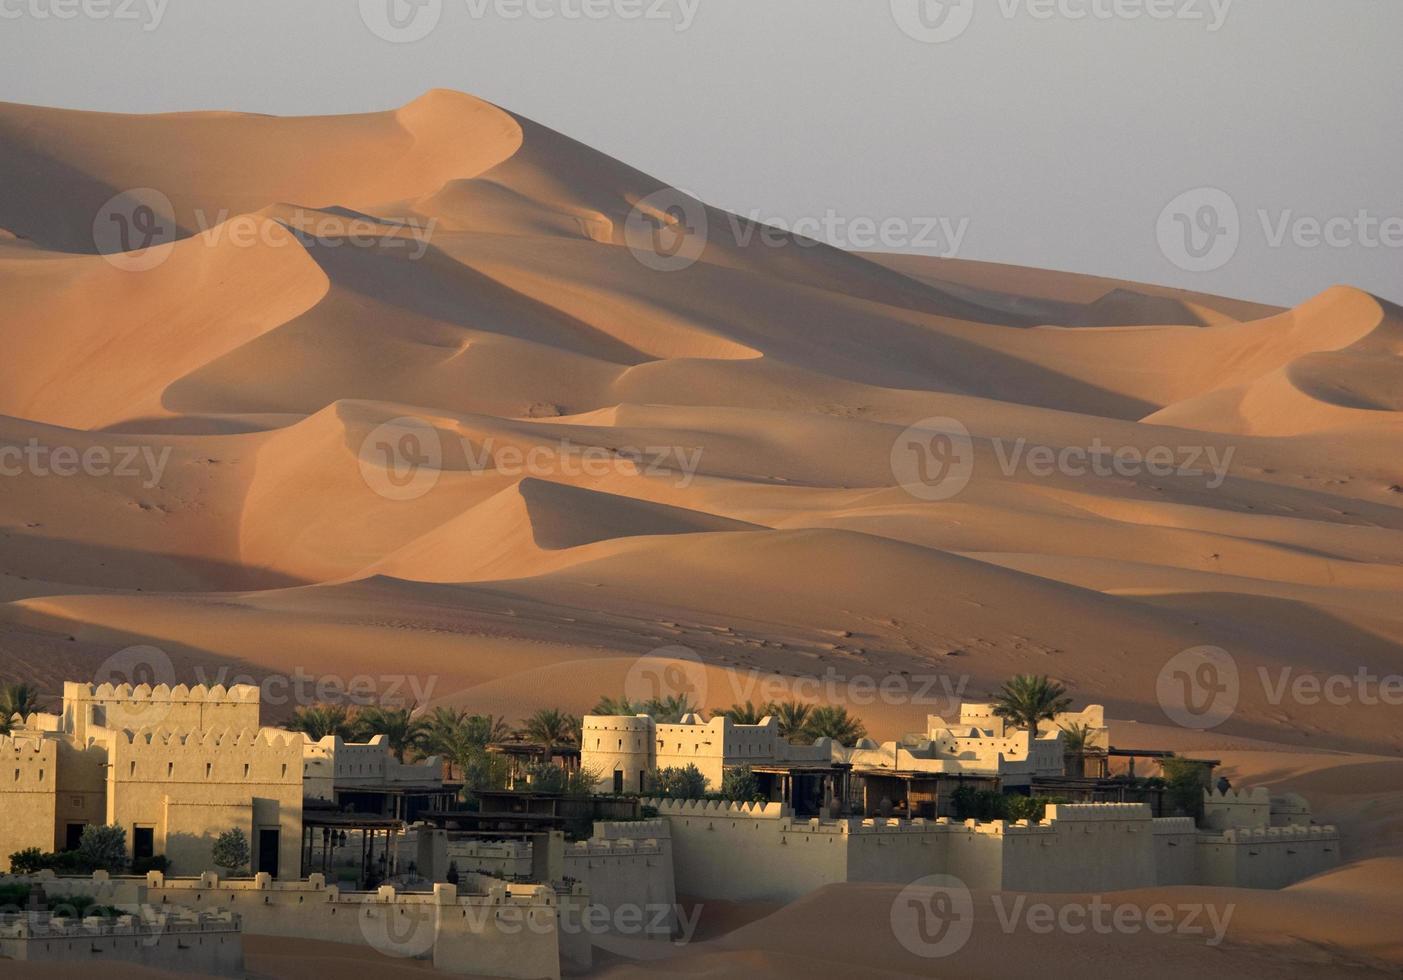 Desert sand dune photo